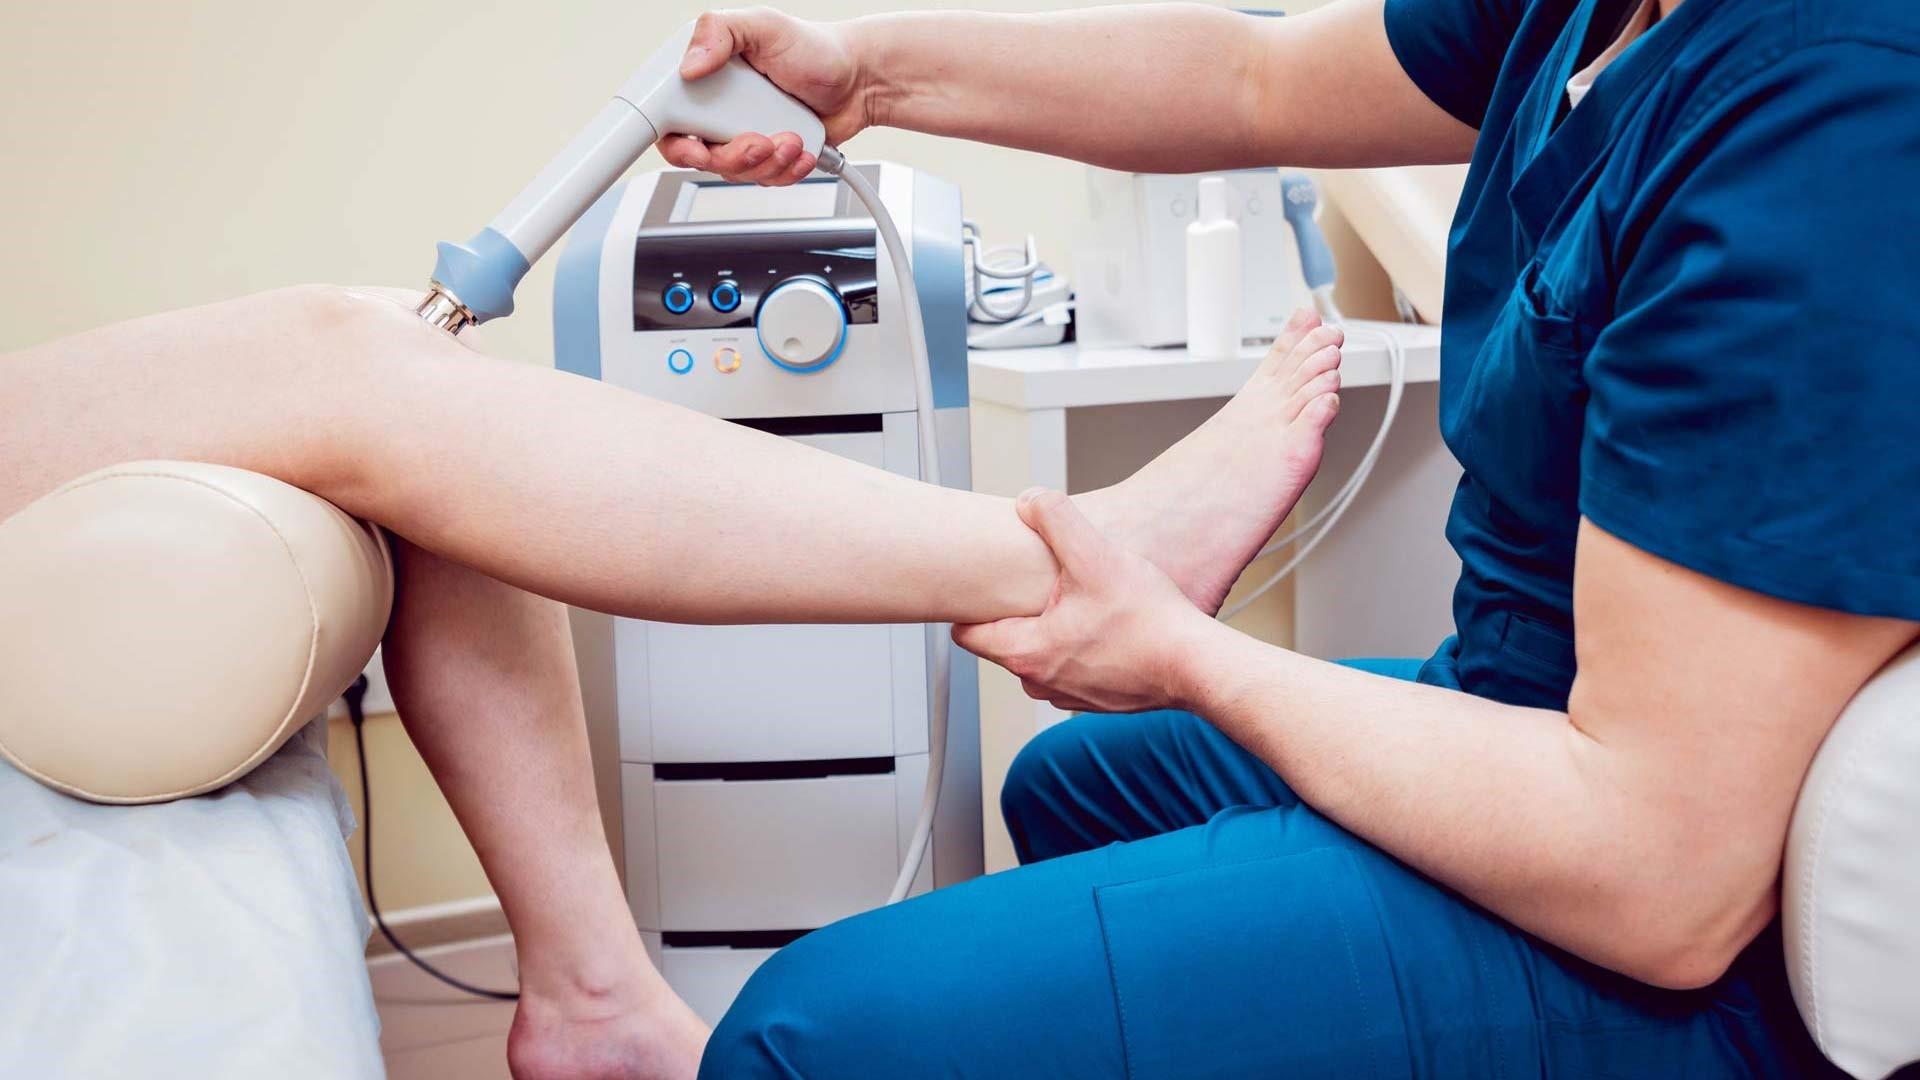 بعضی بیماران با انجام تمرین های حرکتی فیزیوتراپی به خوبی درمان می شوند